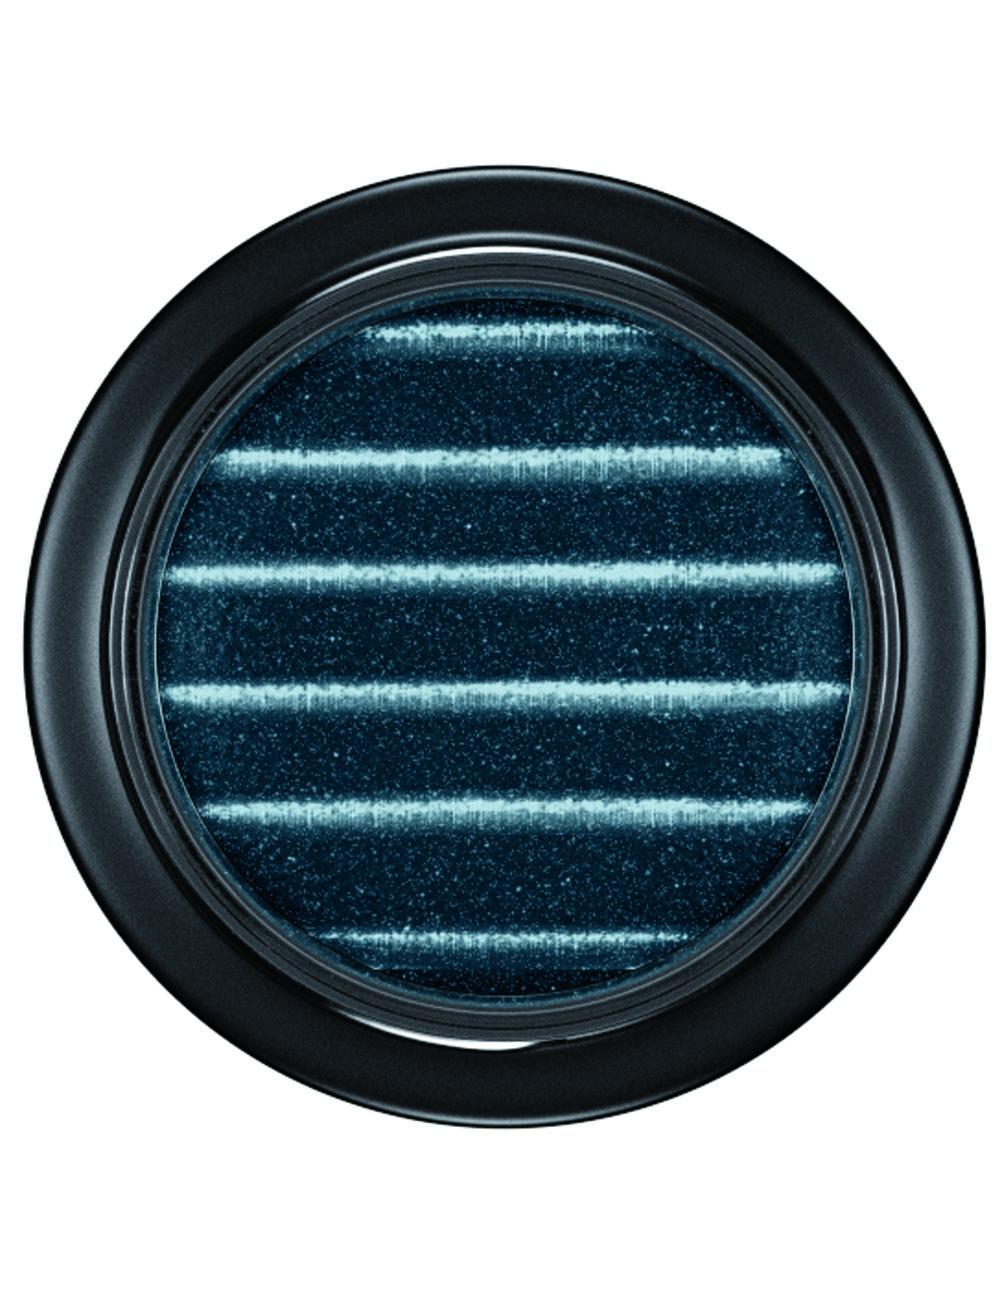 MAC_SpellbinderShadow_BlueKarma_white_300dpiCMYK_2.jpg